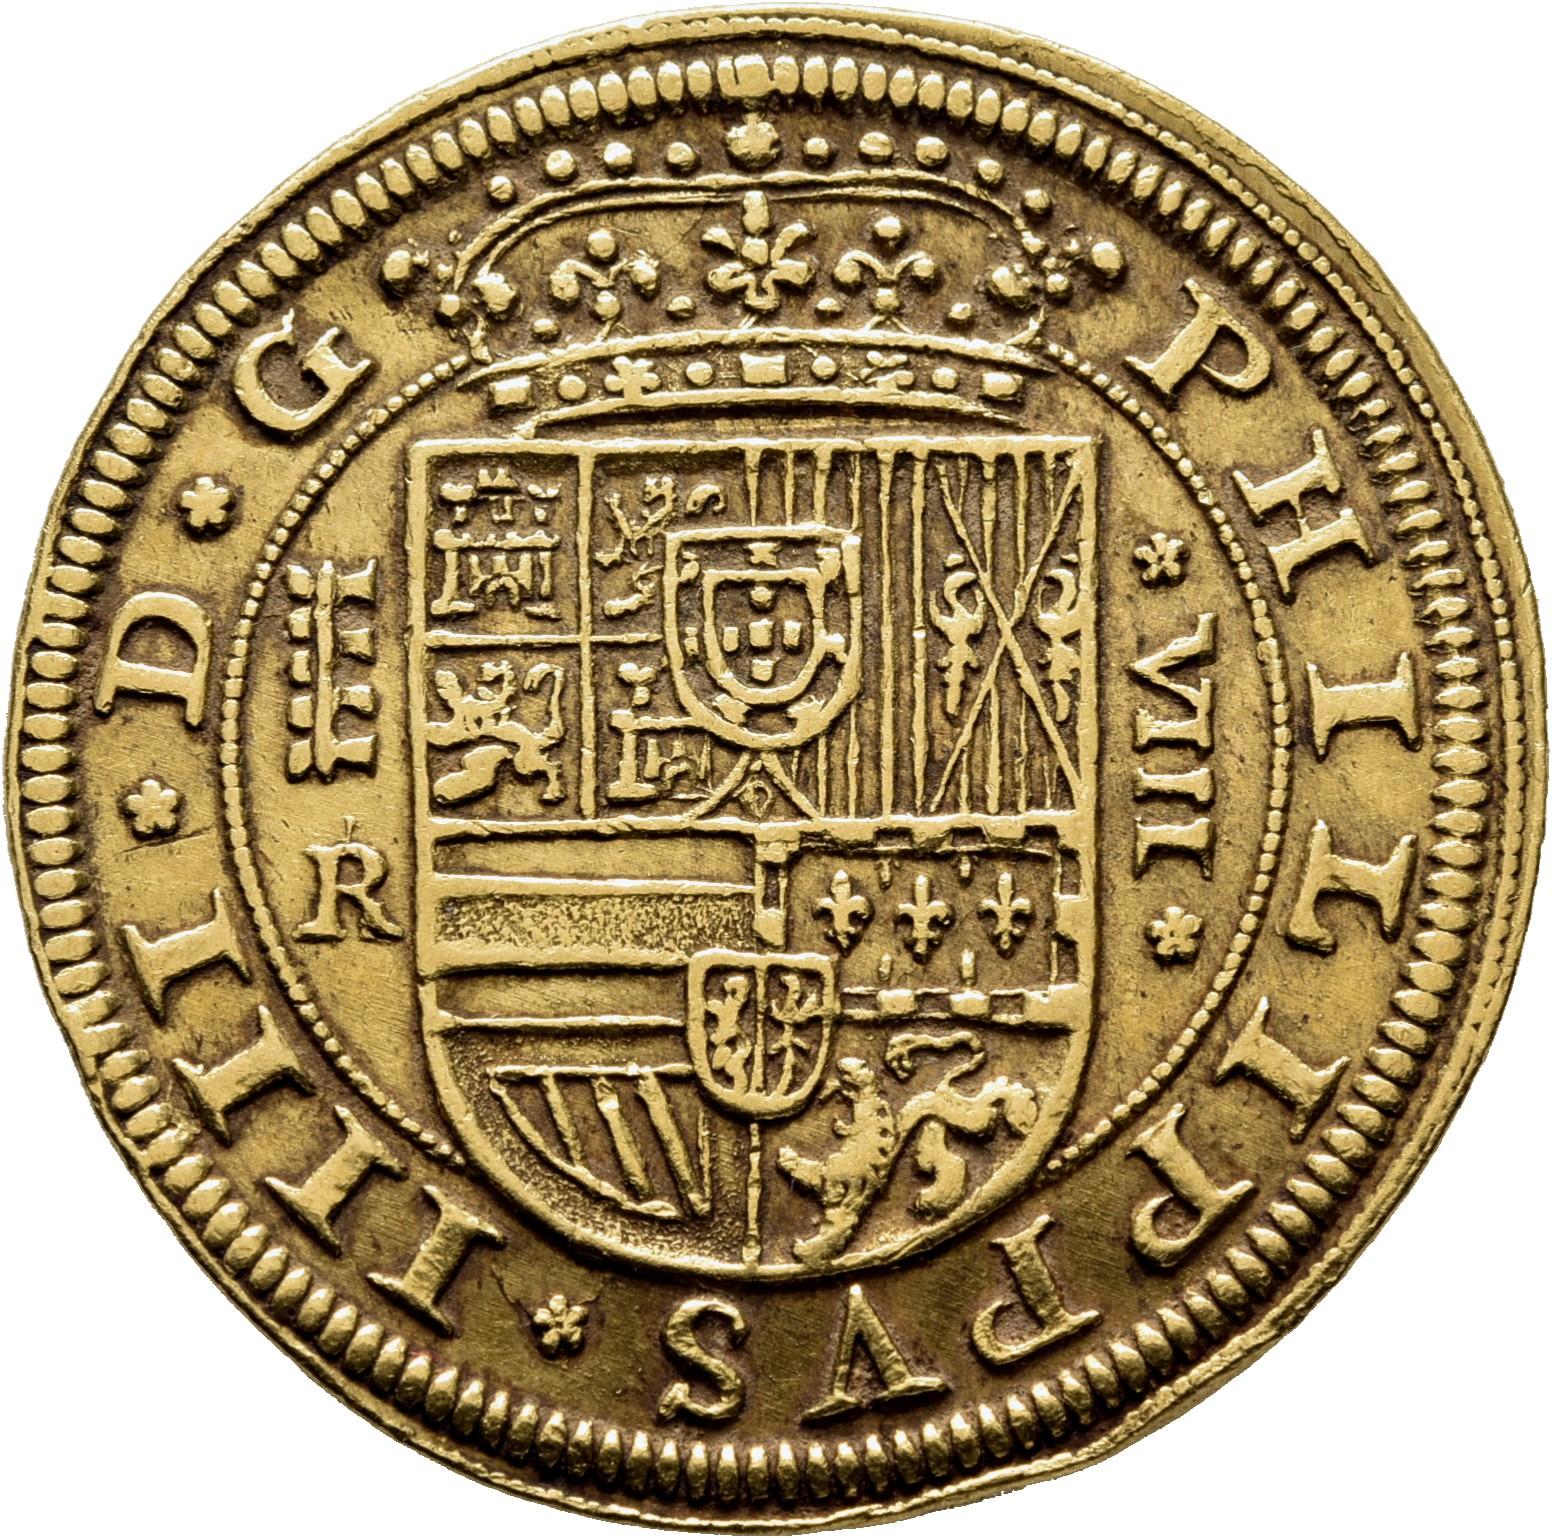 8-escudos-de-segovia.-felipe-iv.-1632.-salida-55.000-euros.-cayon-subastas-anverso